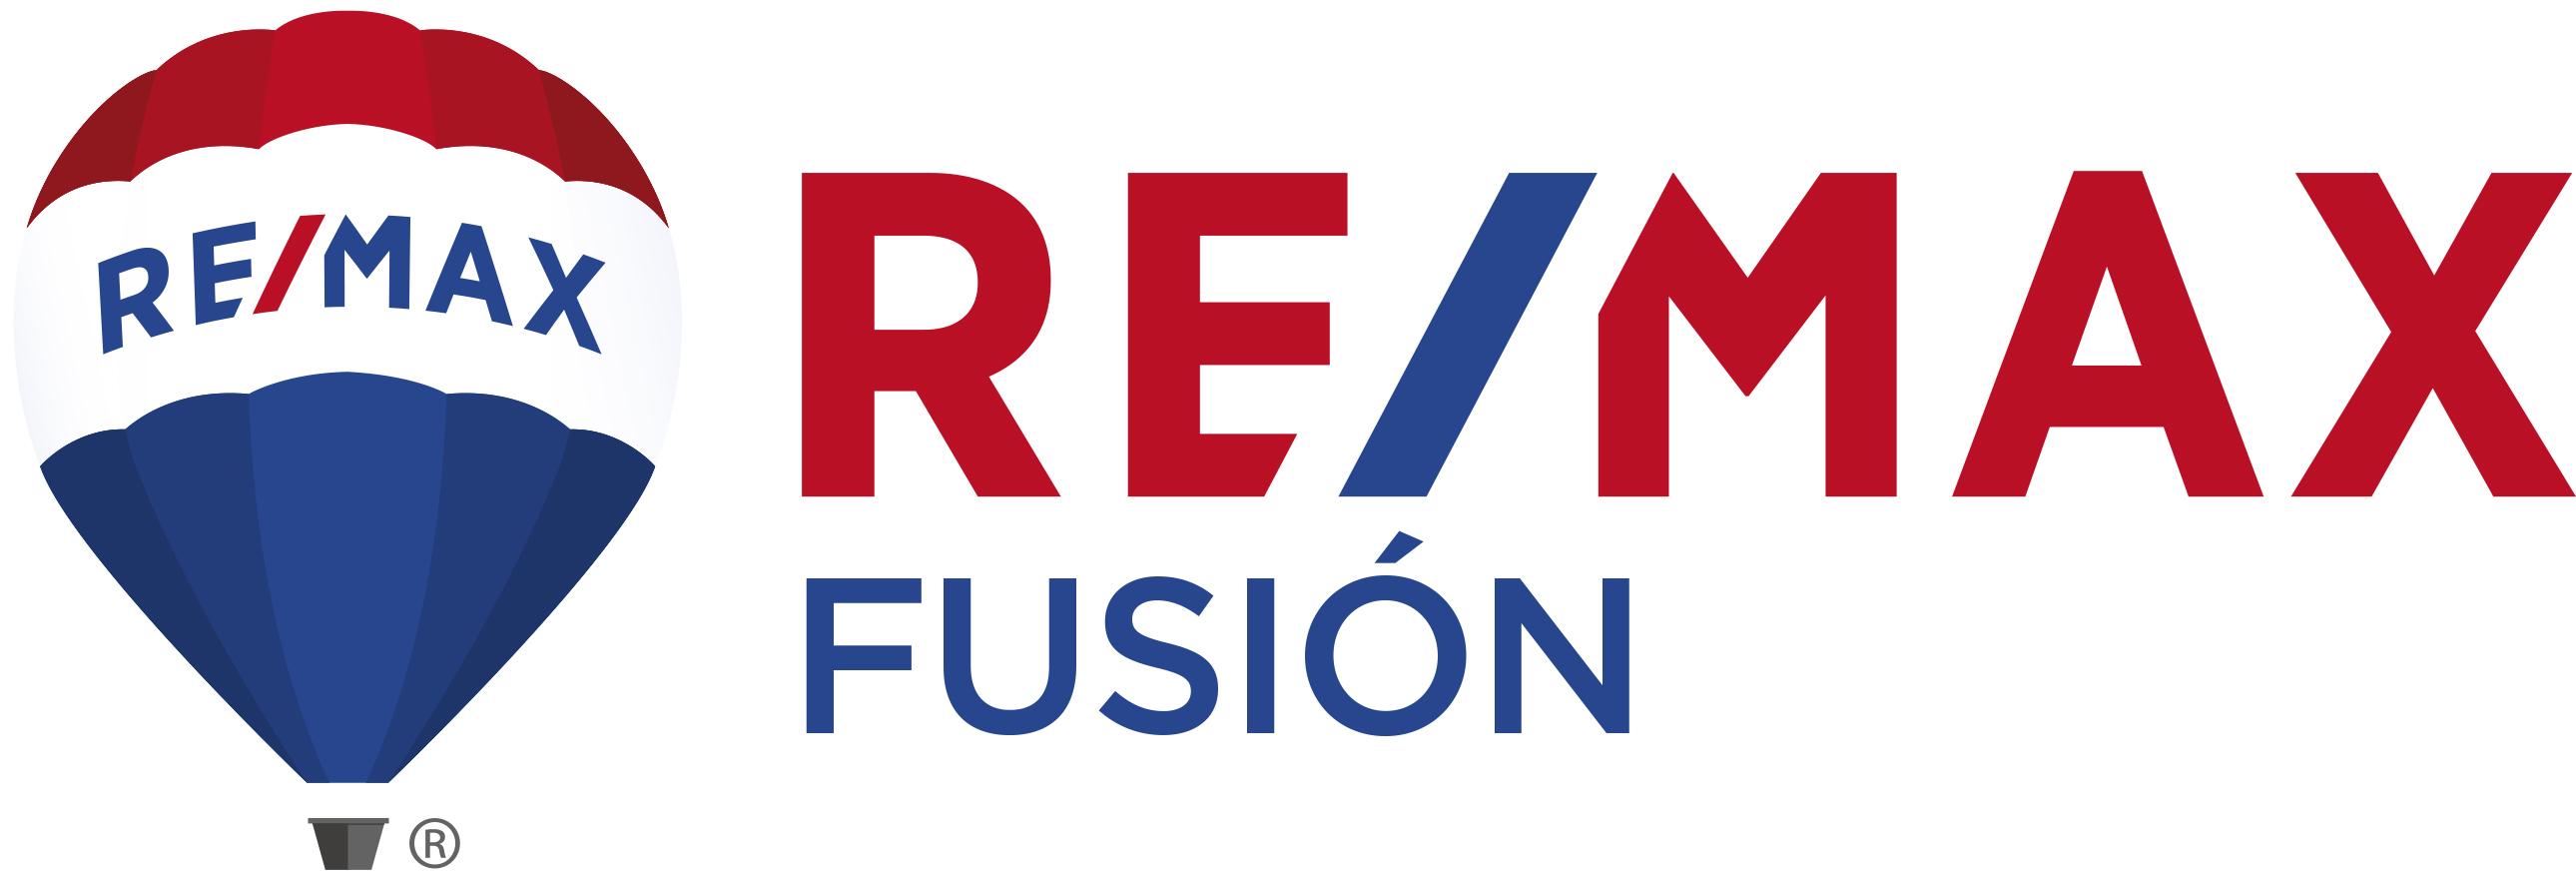 REMAX FUSION